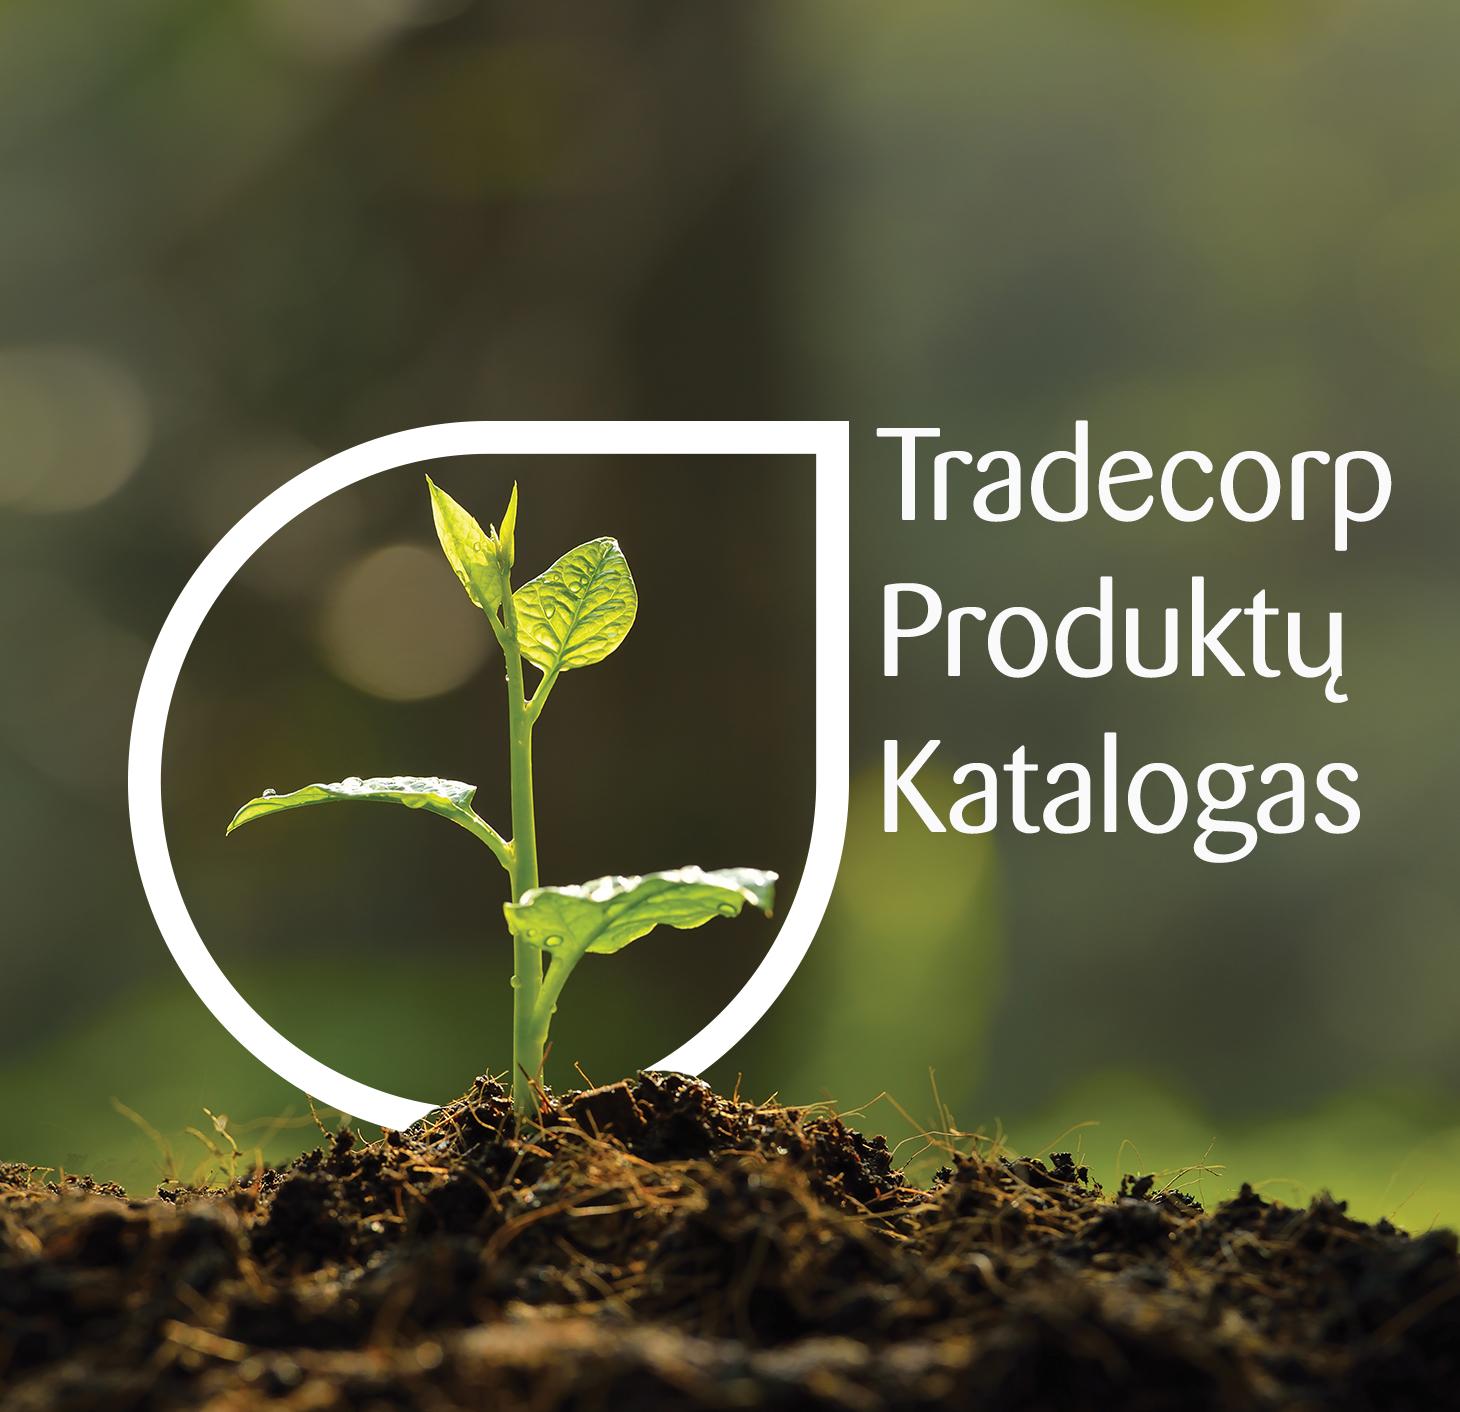 Tradecorp produktų katalogas